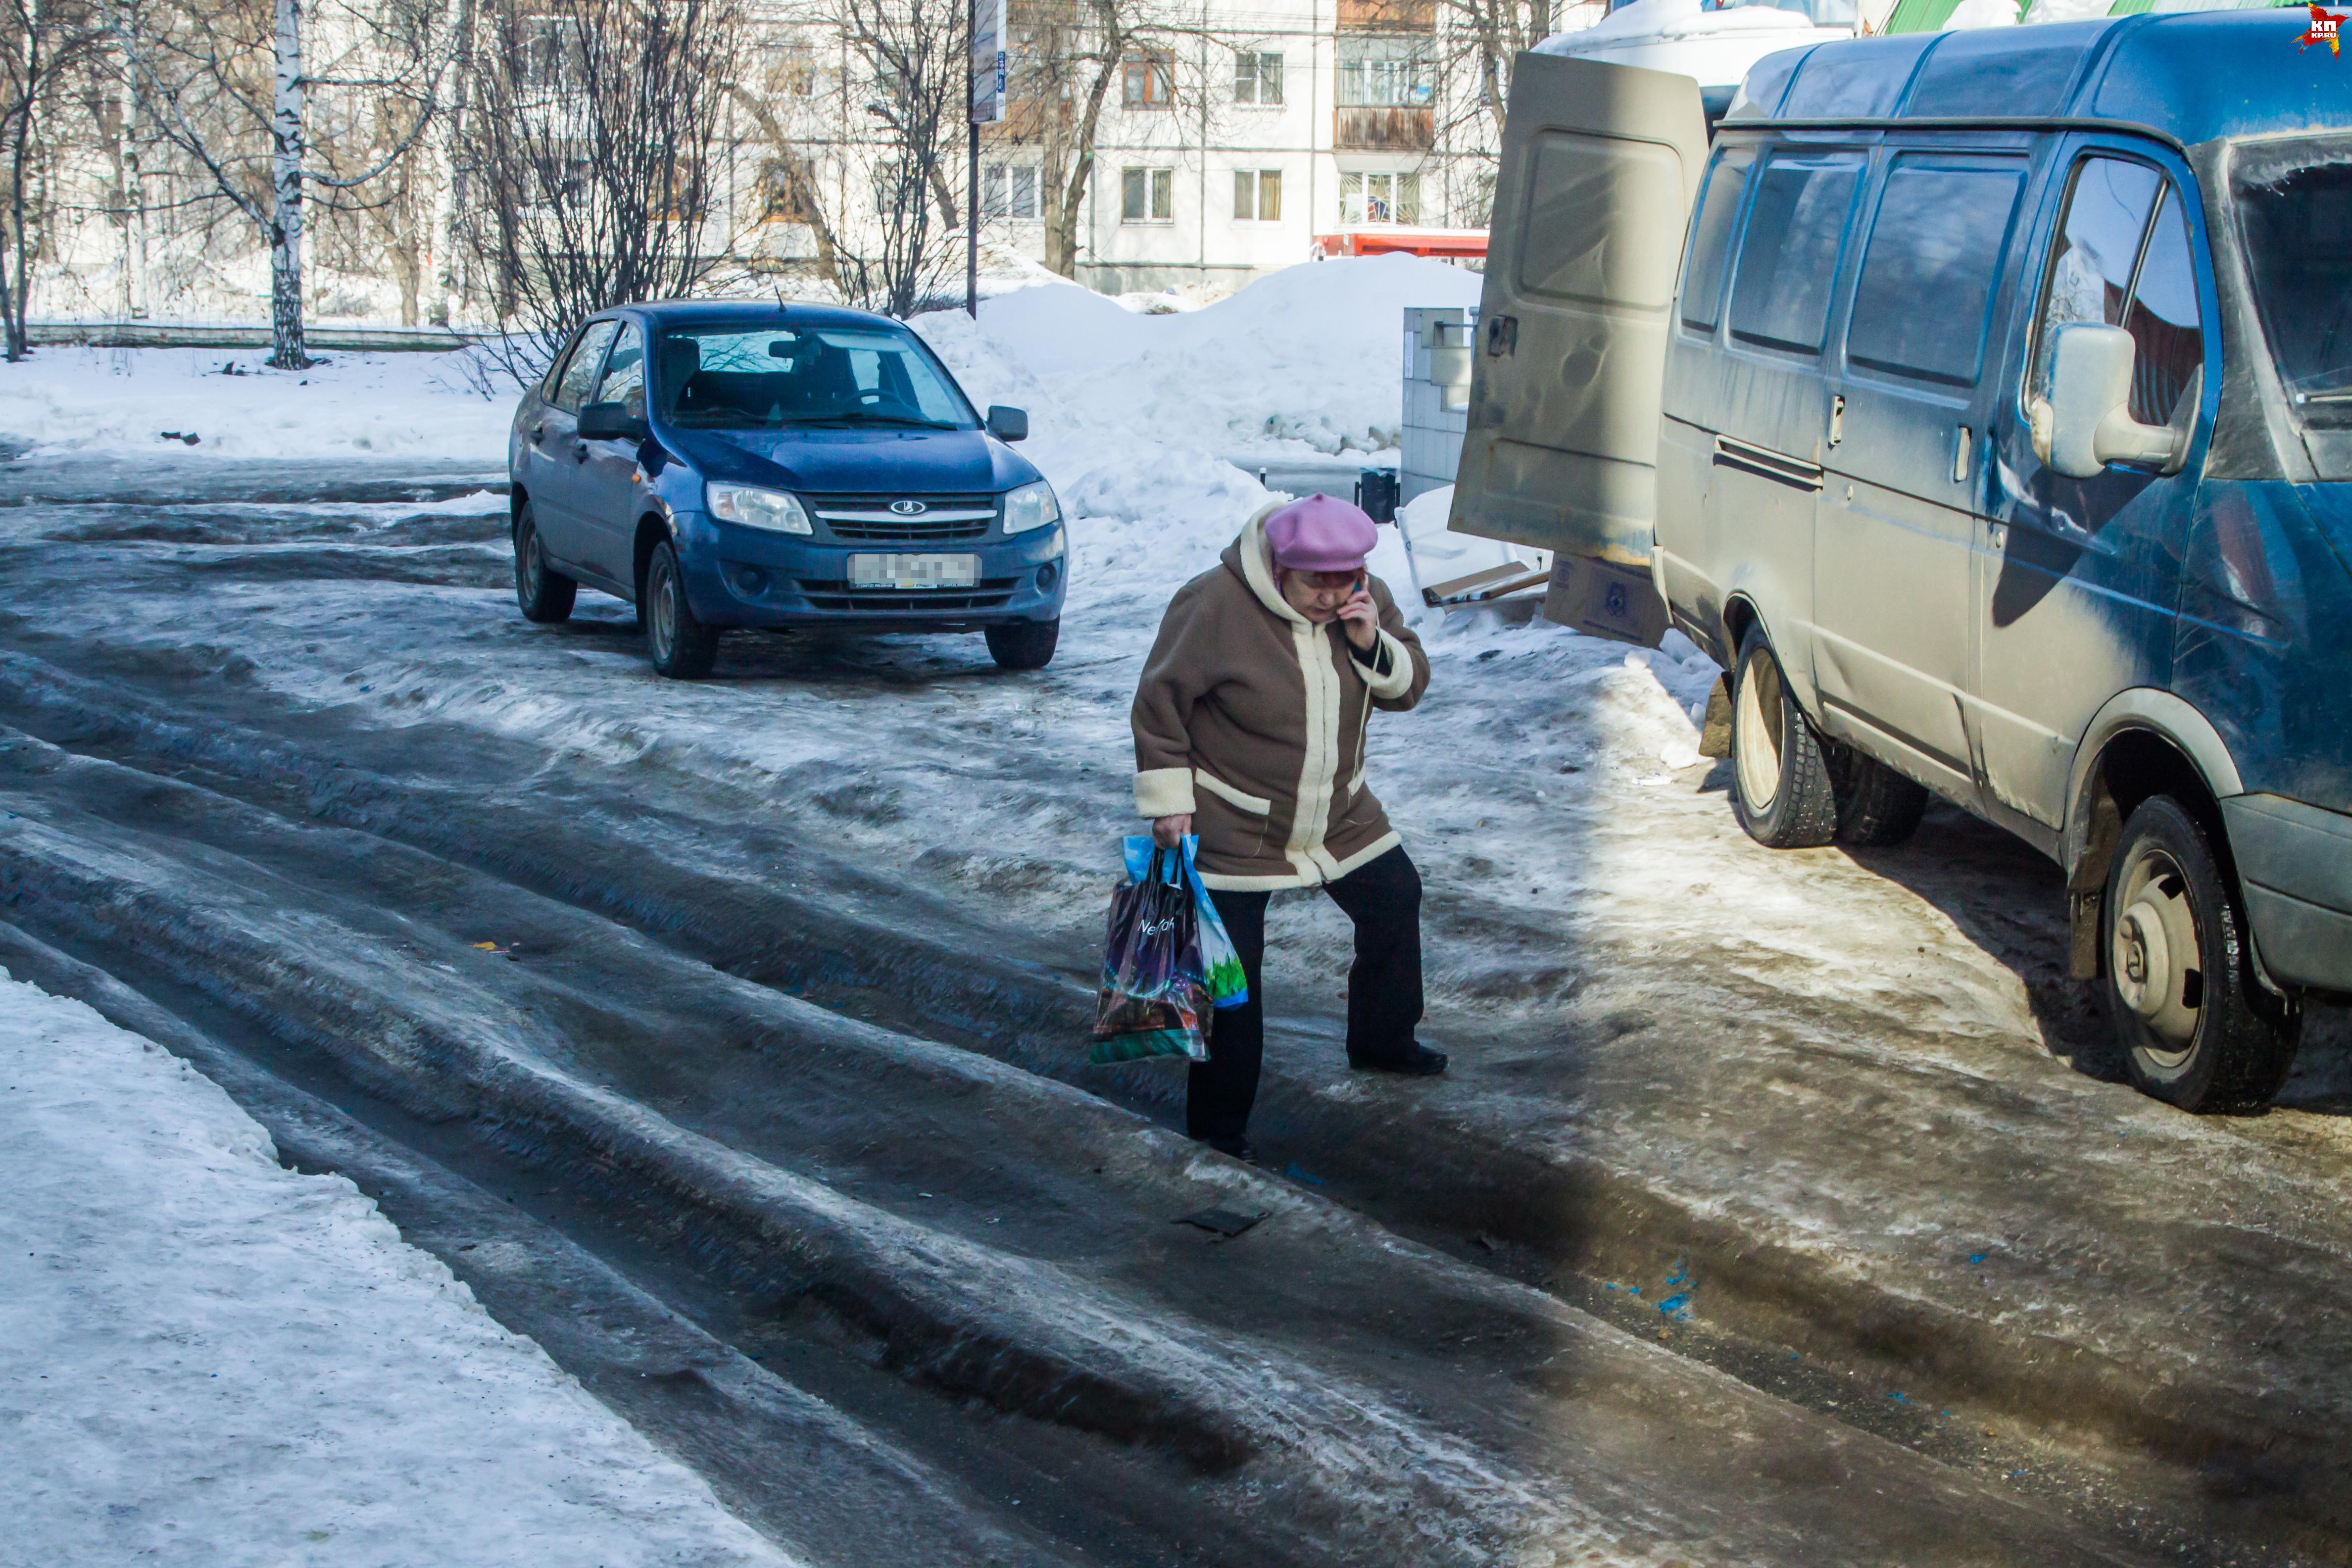 Ижевчане не могут дойти до магазина или остановки - пешеходные дорожки сковал лед